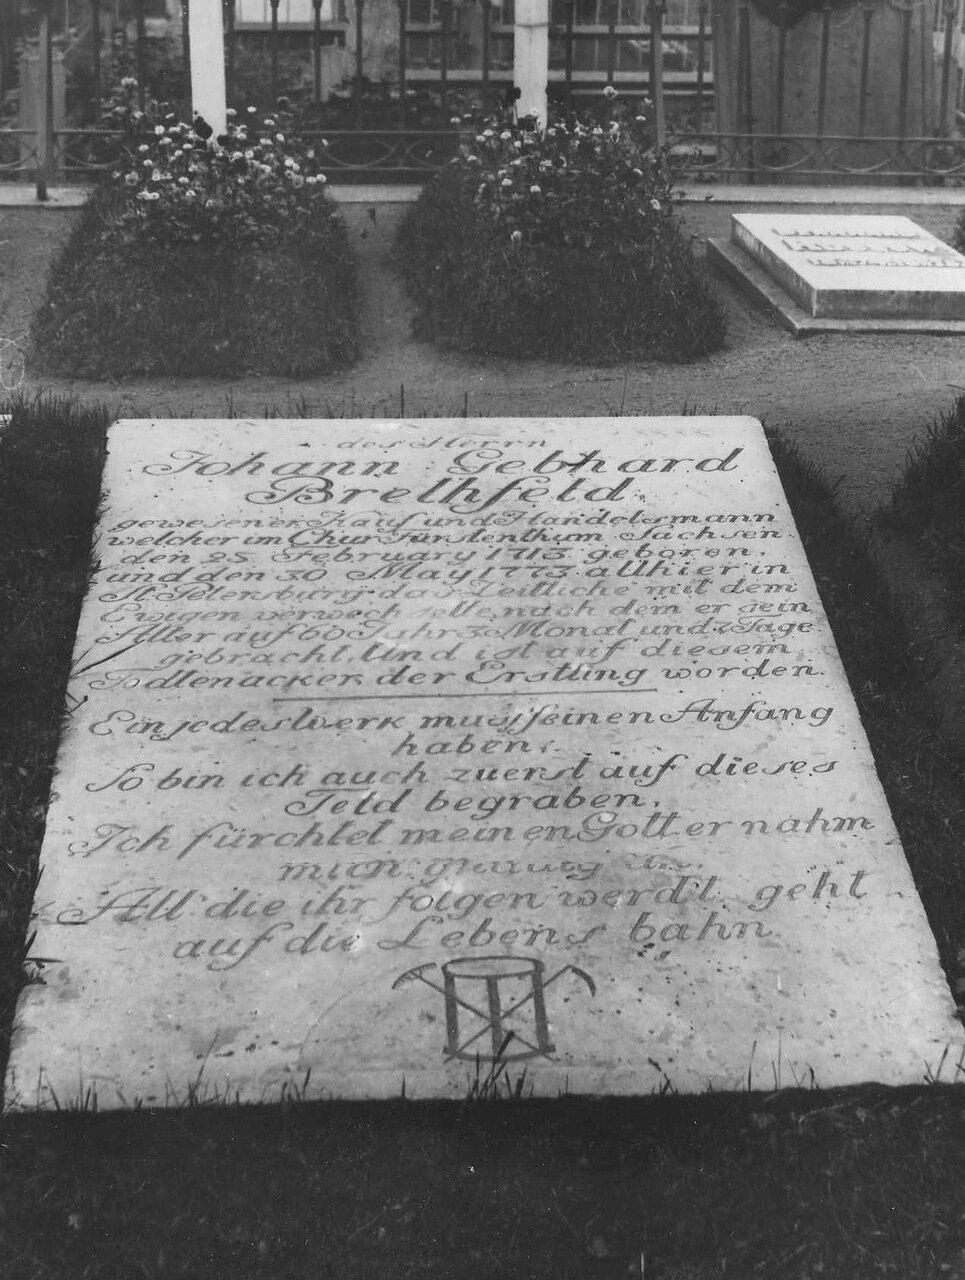 06. Вид надгробной доски на могиле Иоганна Бретфельда